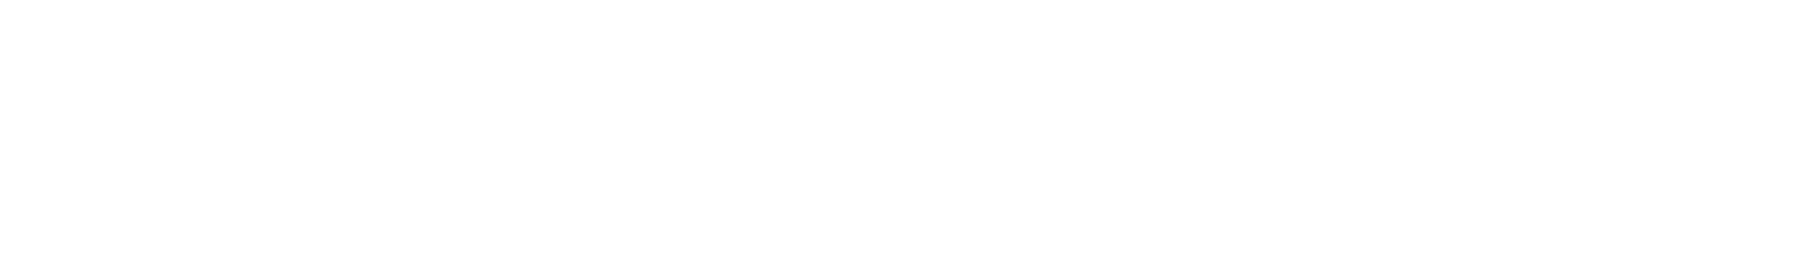 Dwd 122 c methyl